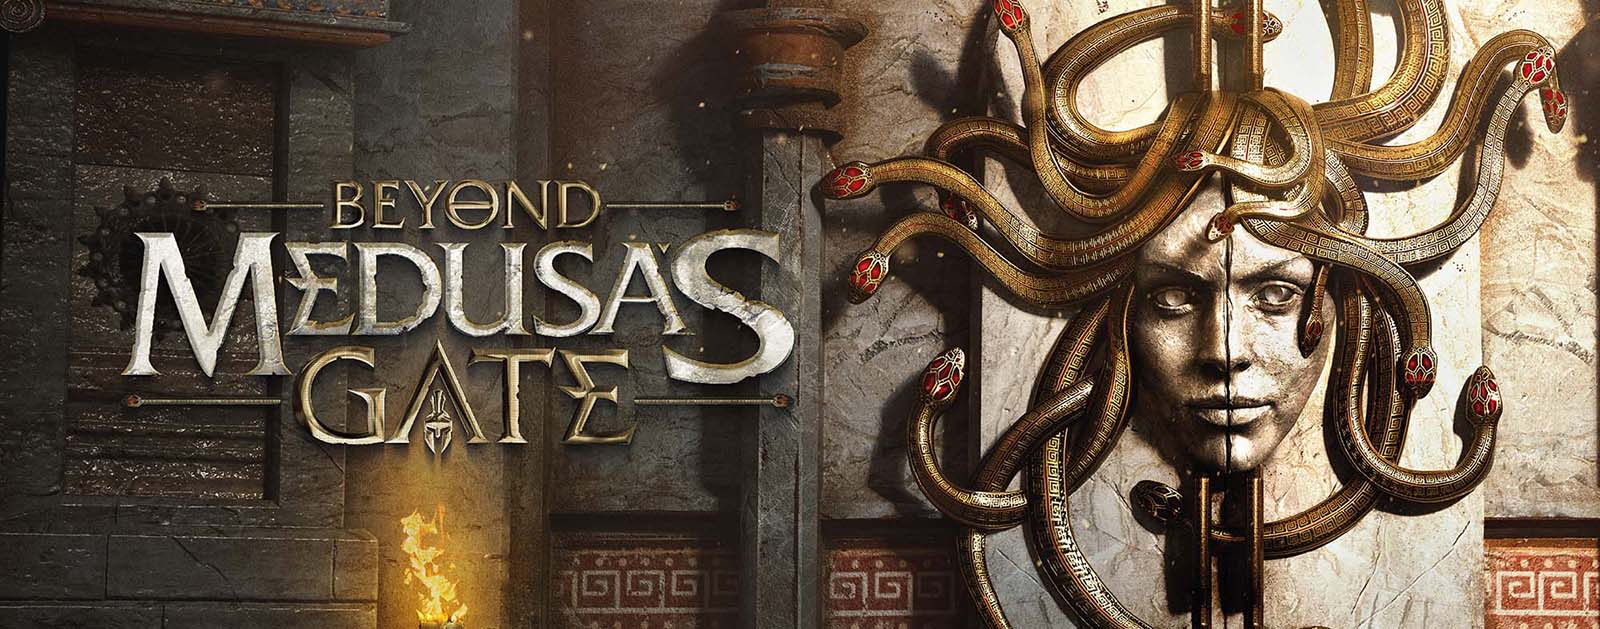 Escape Beyond Medusa Gates